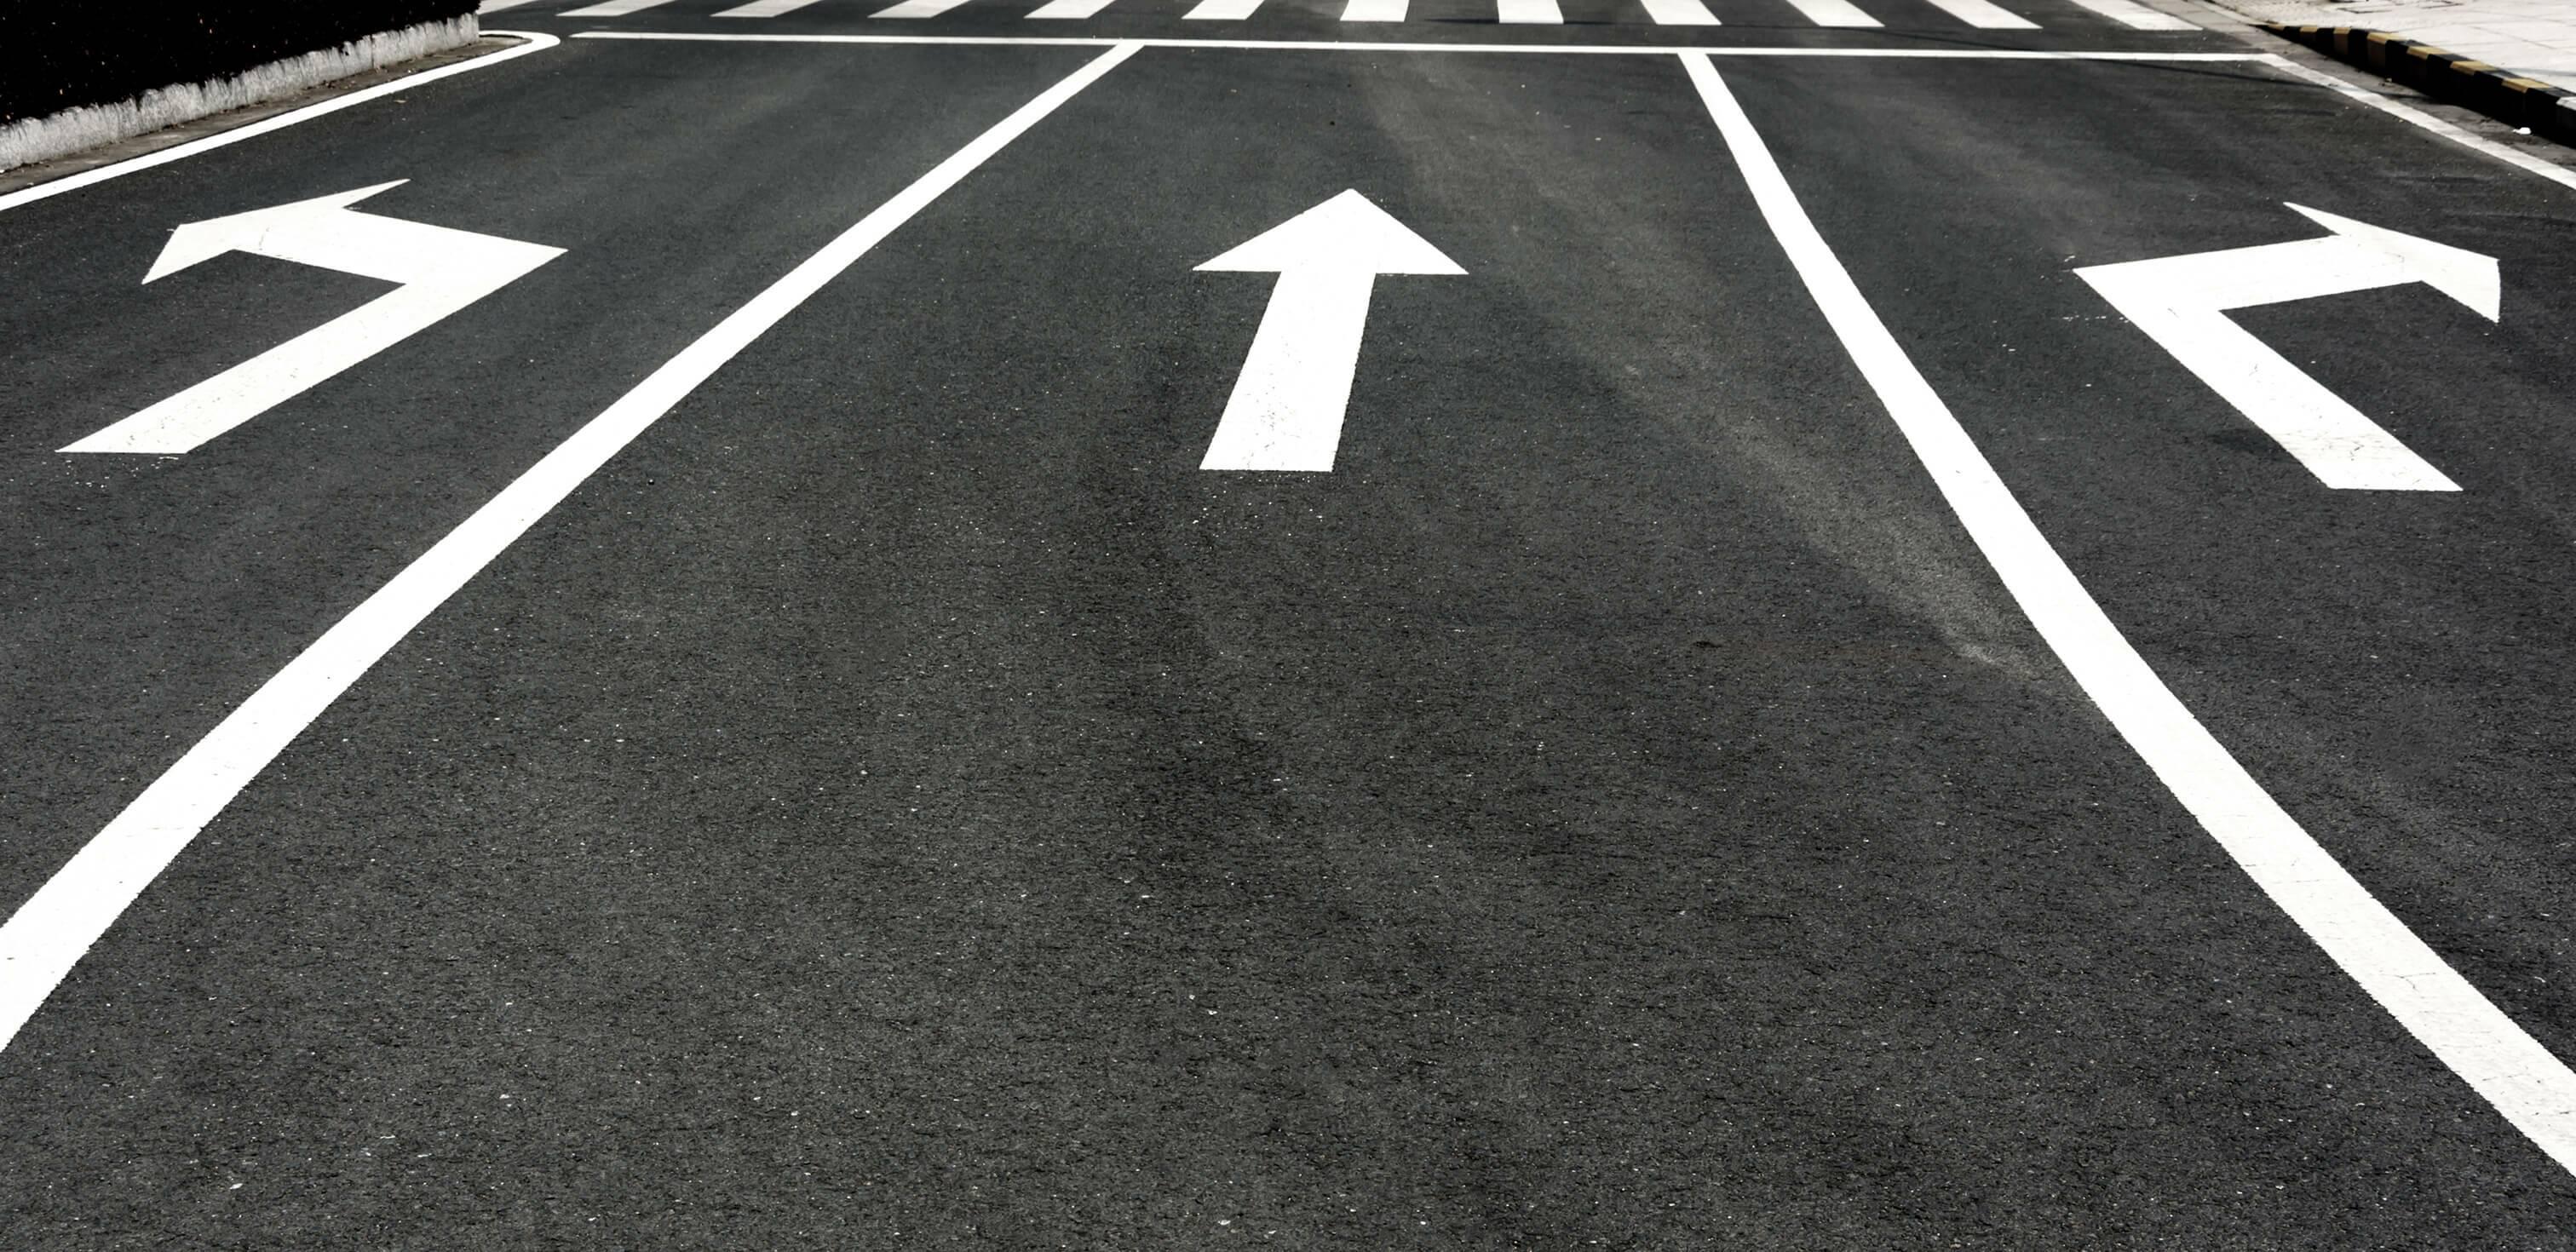 Teste vocacional: fotografia de uma rua asfaltada pintada com uma seta para a direita, uma para frente e uma para a esquerda.